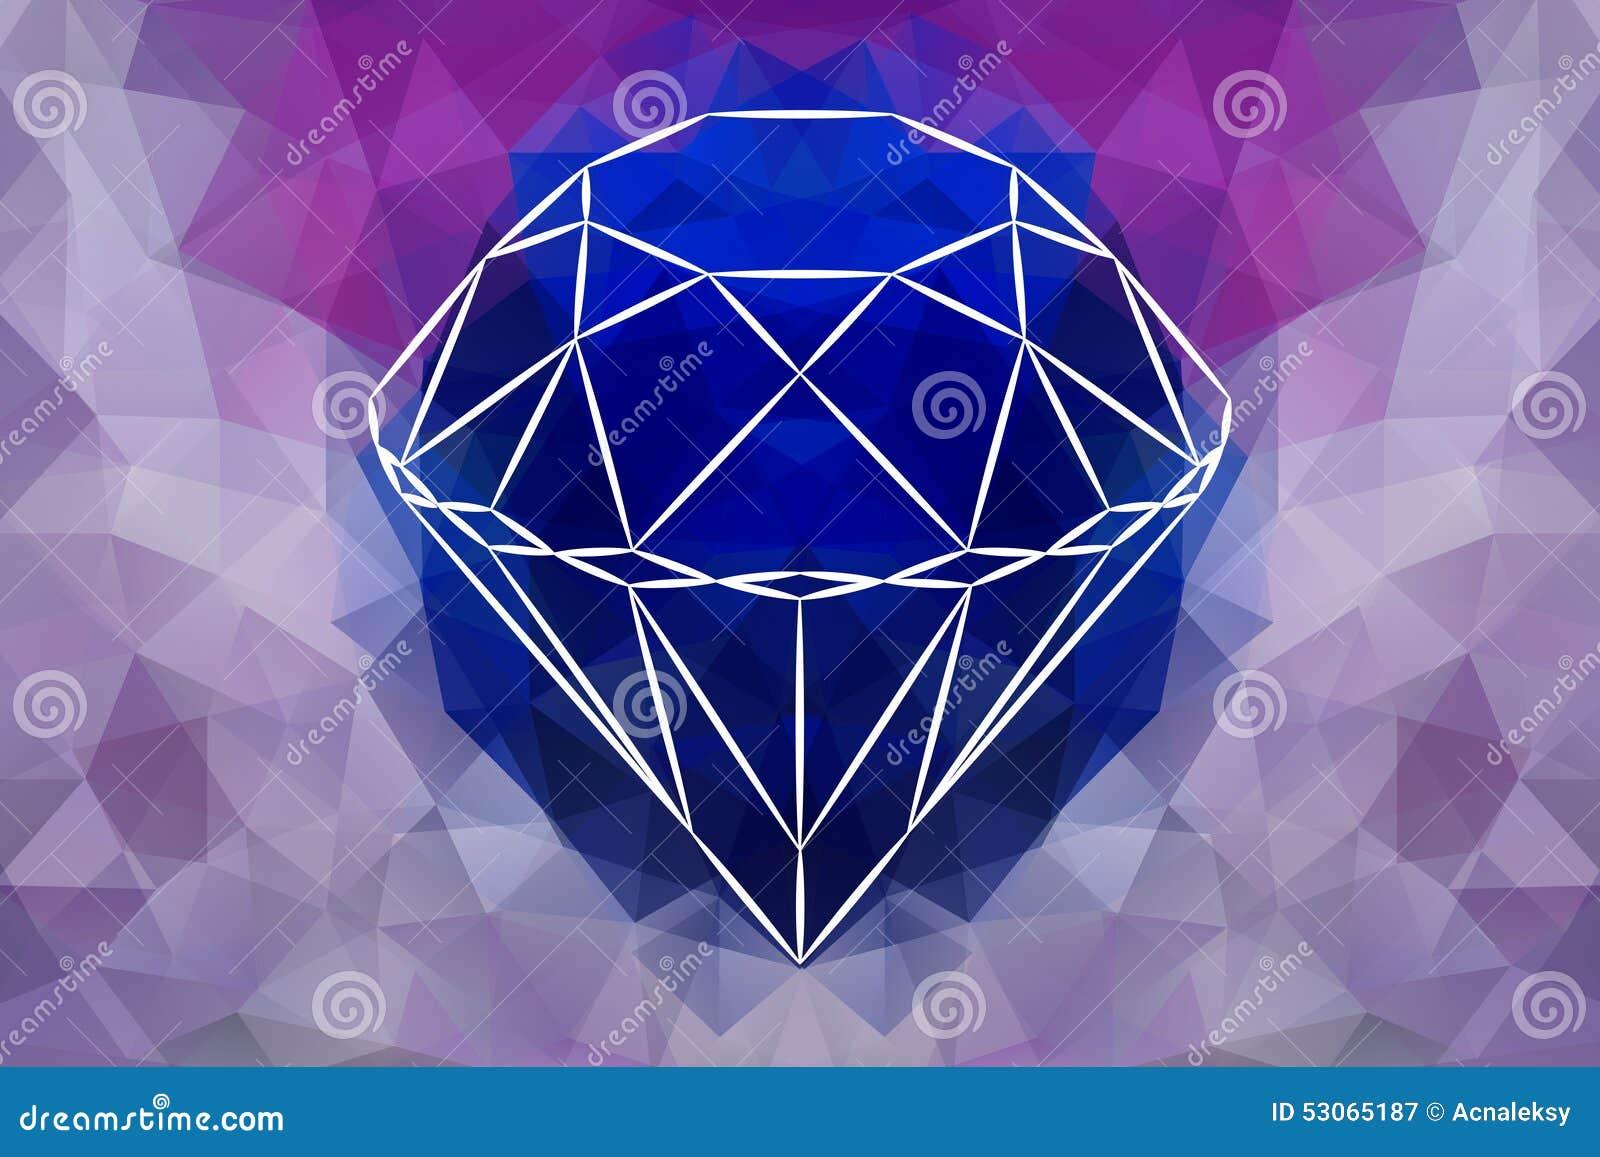 Vector el diamante abstracto de la joyería, forma geométrica de la piedra preciosa